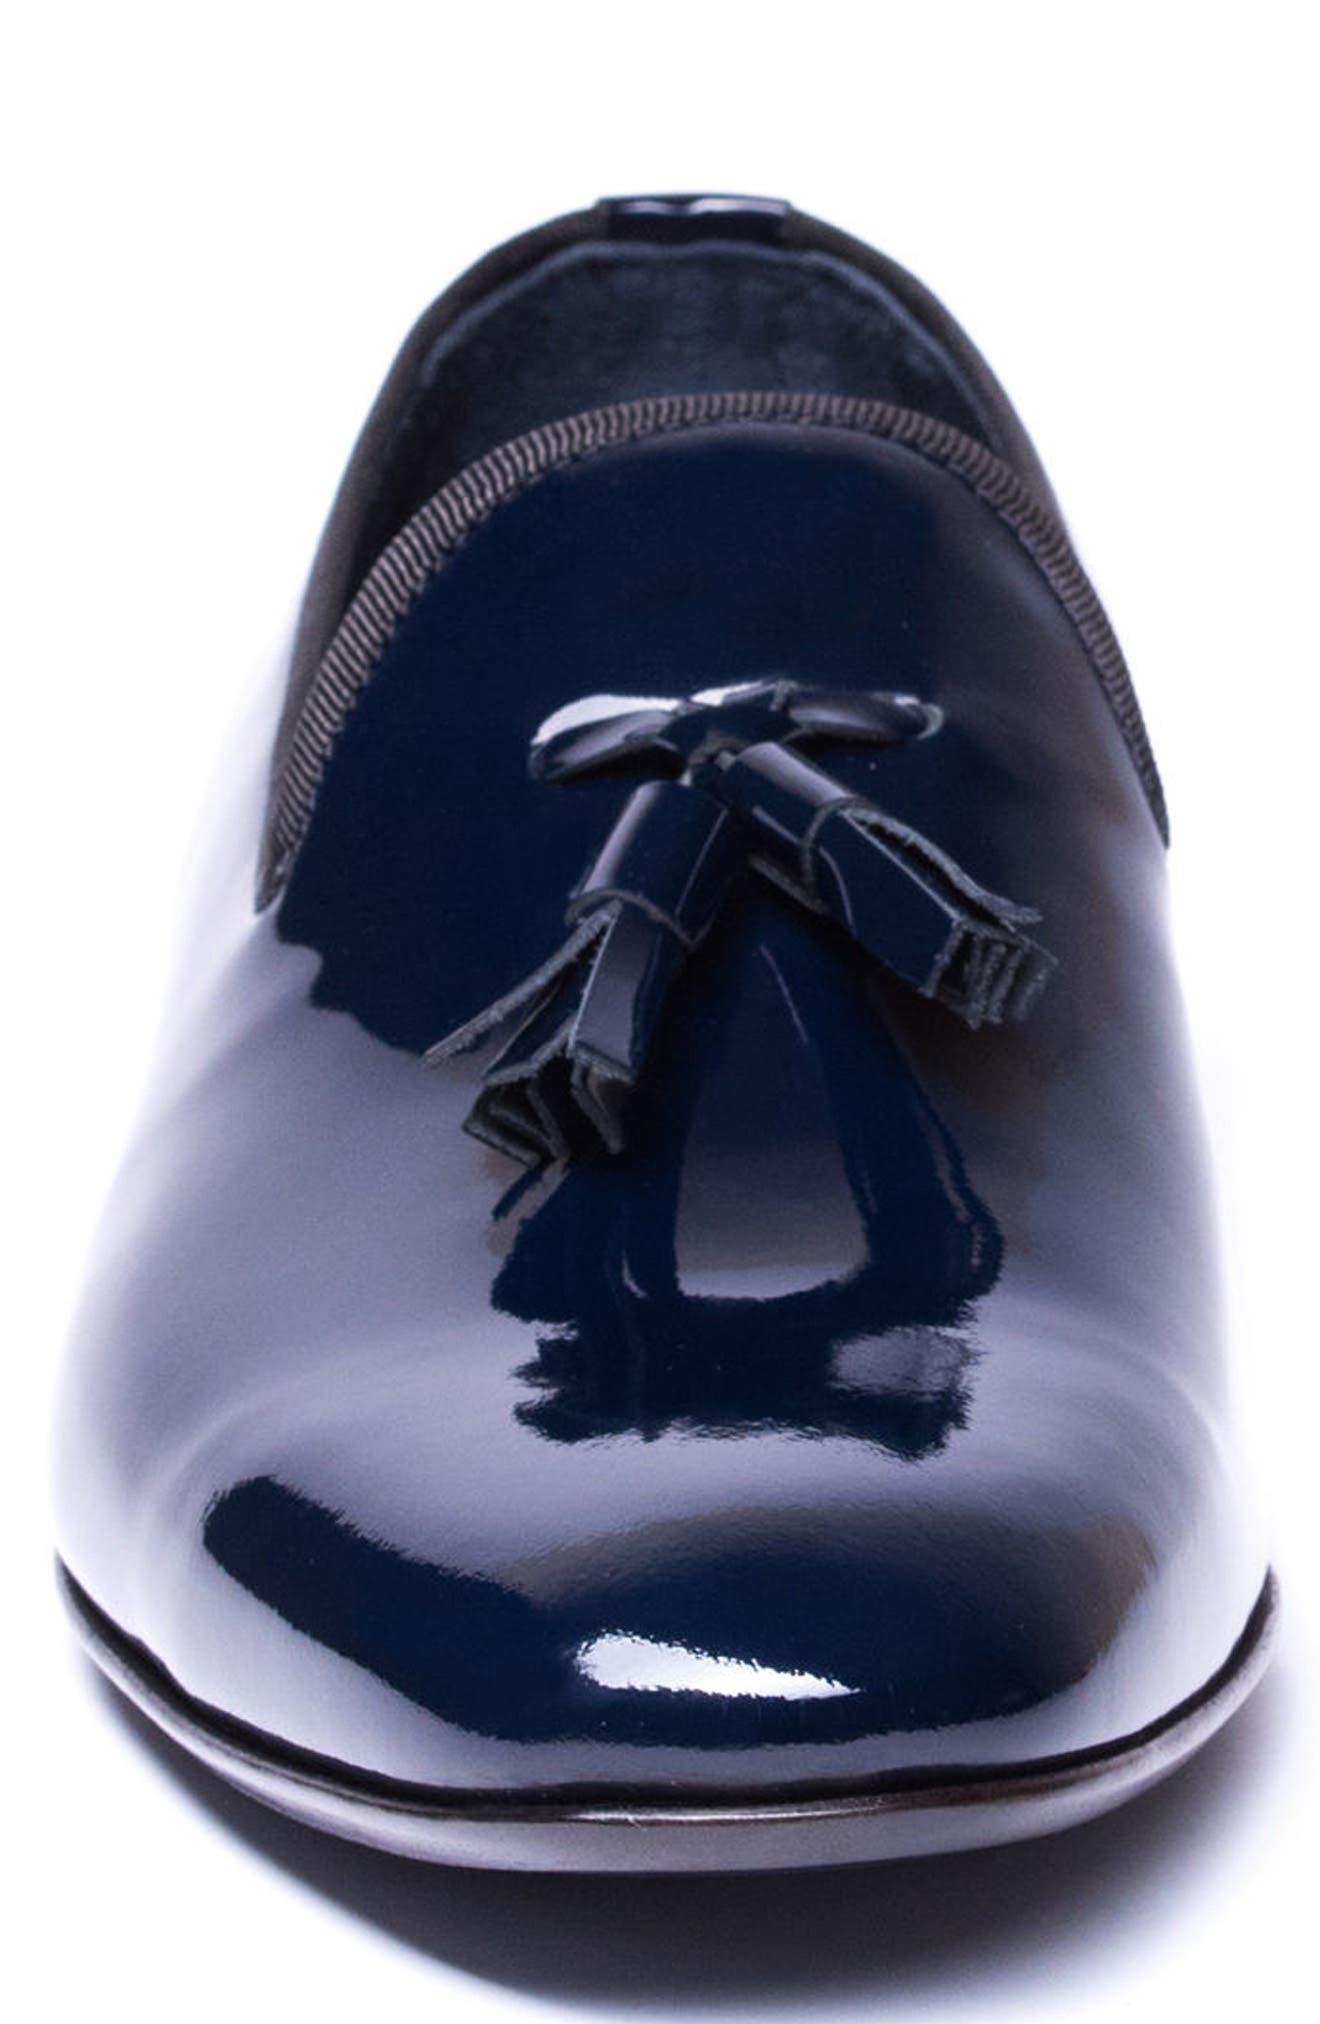 Enzo Tasseled Venetian Loafer,                             Alternate thumbnail 4, color,                             Navy Leather